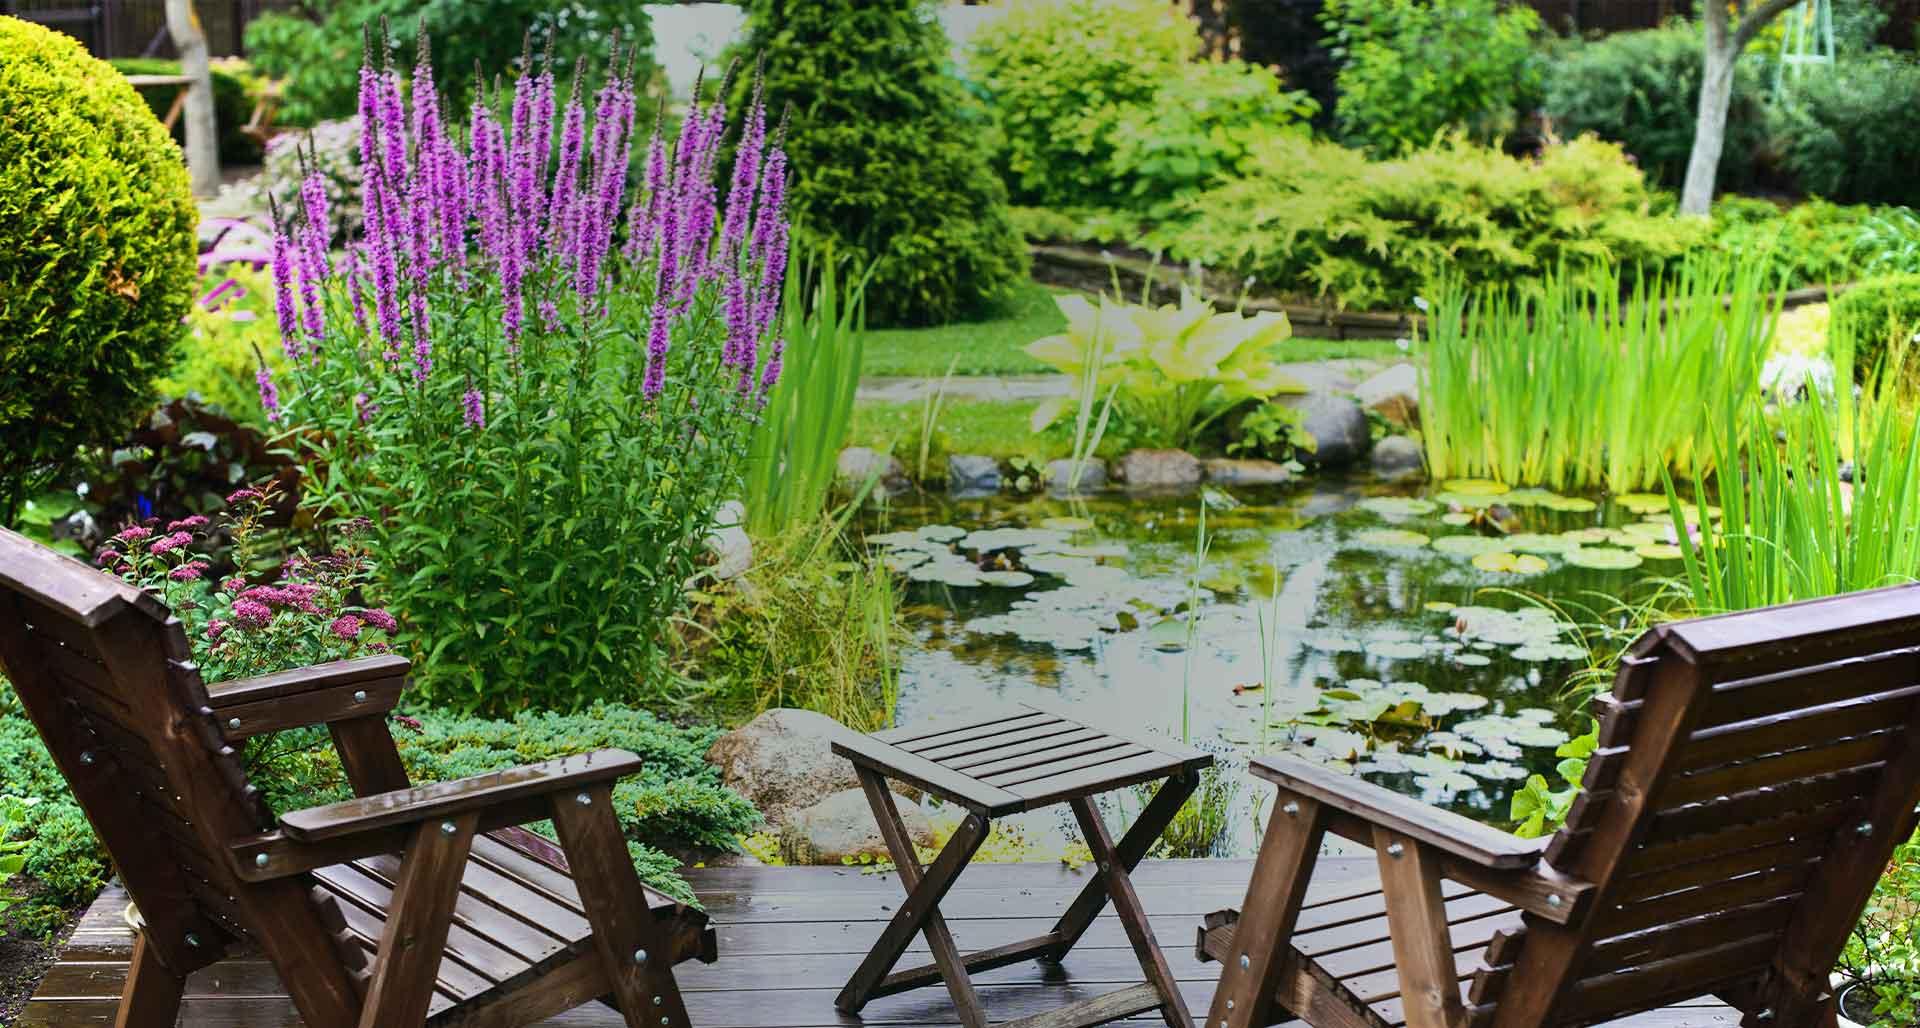 Jardineries Truffaut : Spécialiste Jardin, Animaux, Maison ... dedans Plante Bassin De Jardin